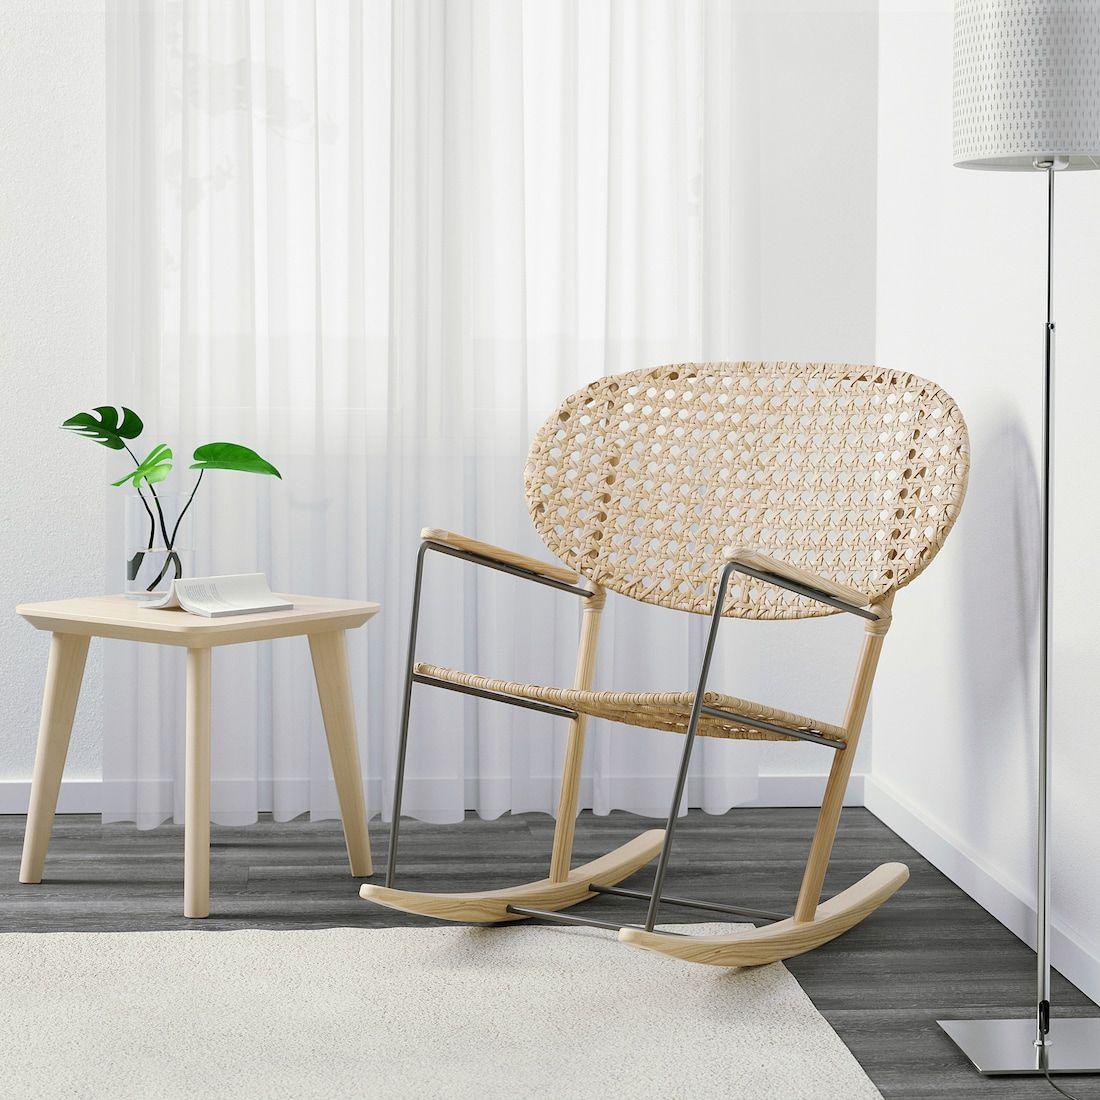 Ikea Rocking Chair Rattan